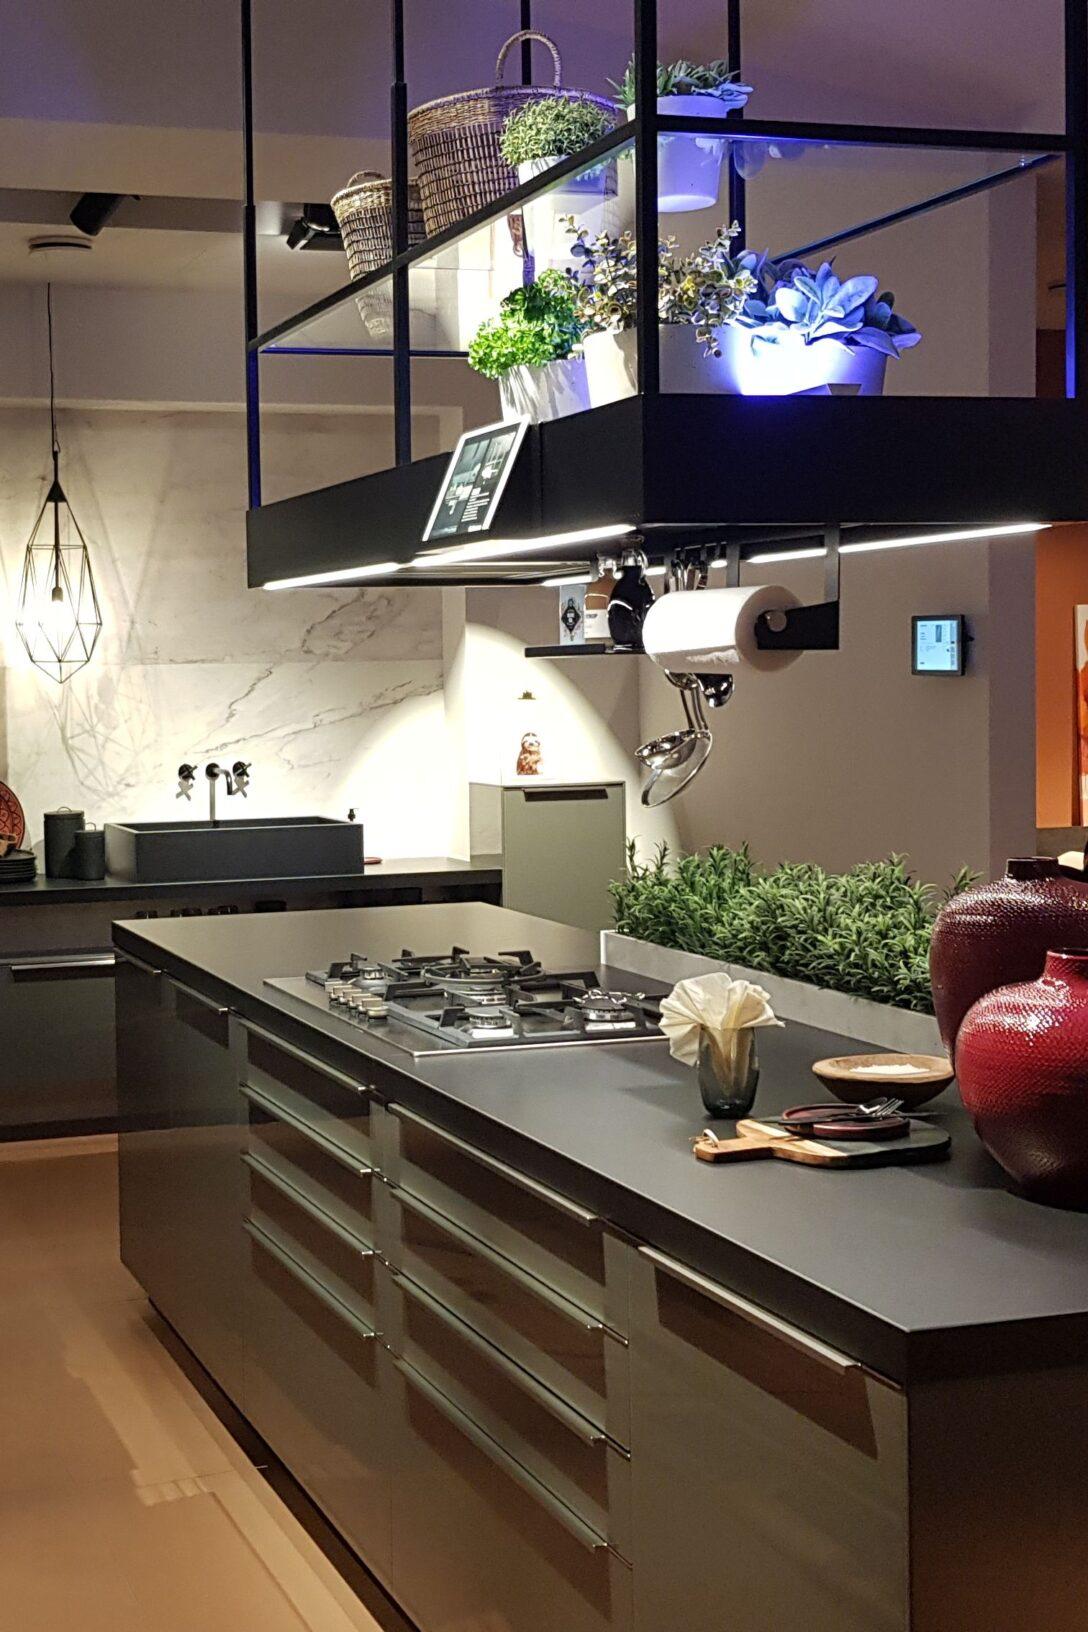 Large Size of Hängeregal Kücheninsel Pin Von Julia Lenzner Auf Kche In 2020 Kchen Design Küche Wohnzimmer Hängeregal Kücheninsel